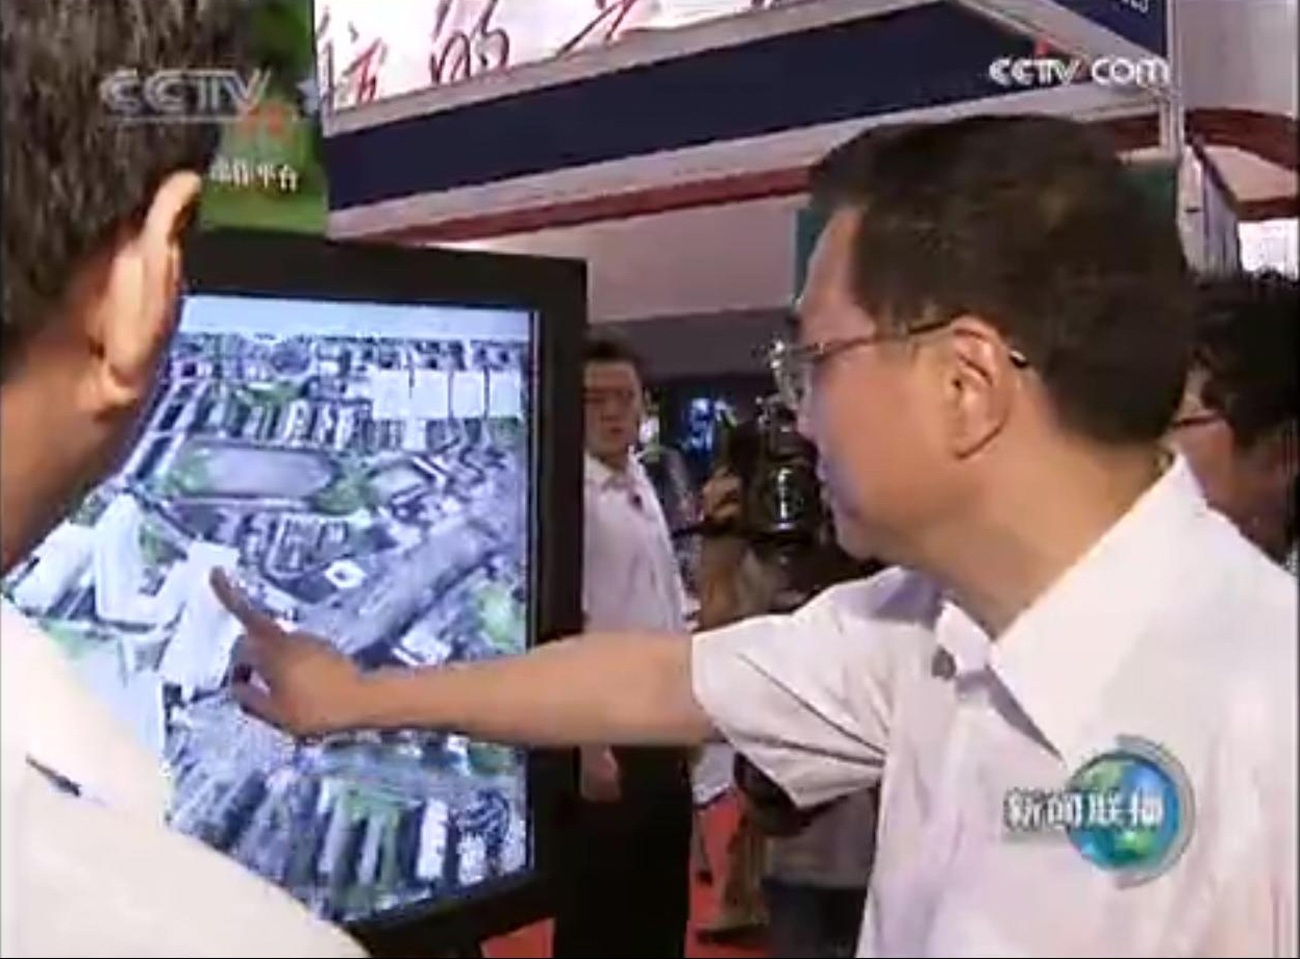 02.2009年07月,時任國務院副總理李克強觀看并親自體驗GeoGlobe。